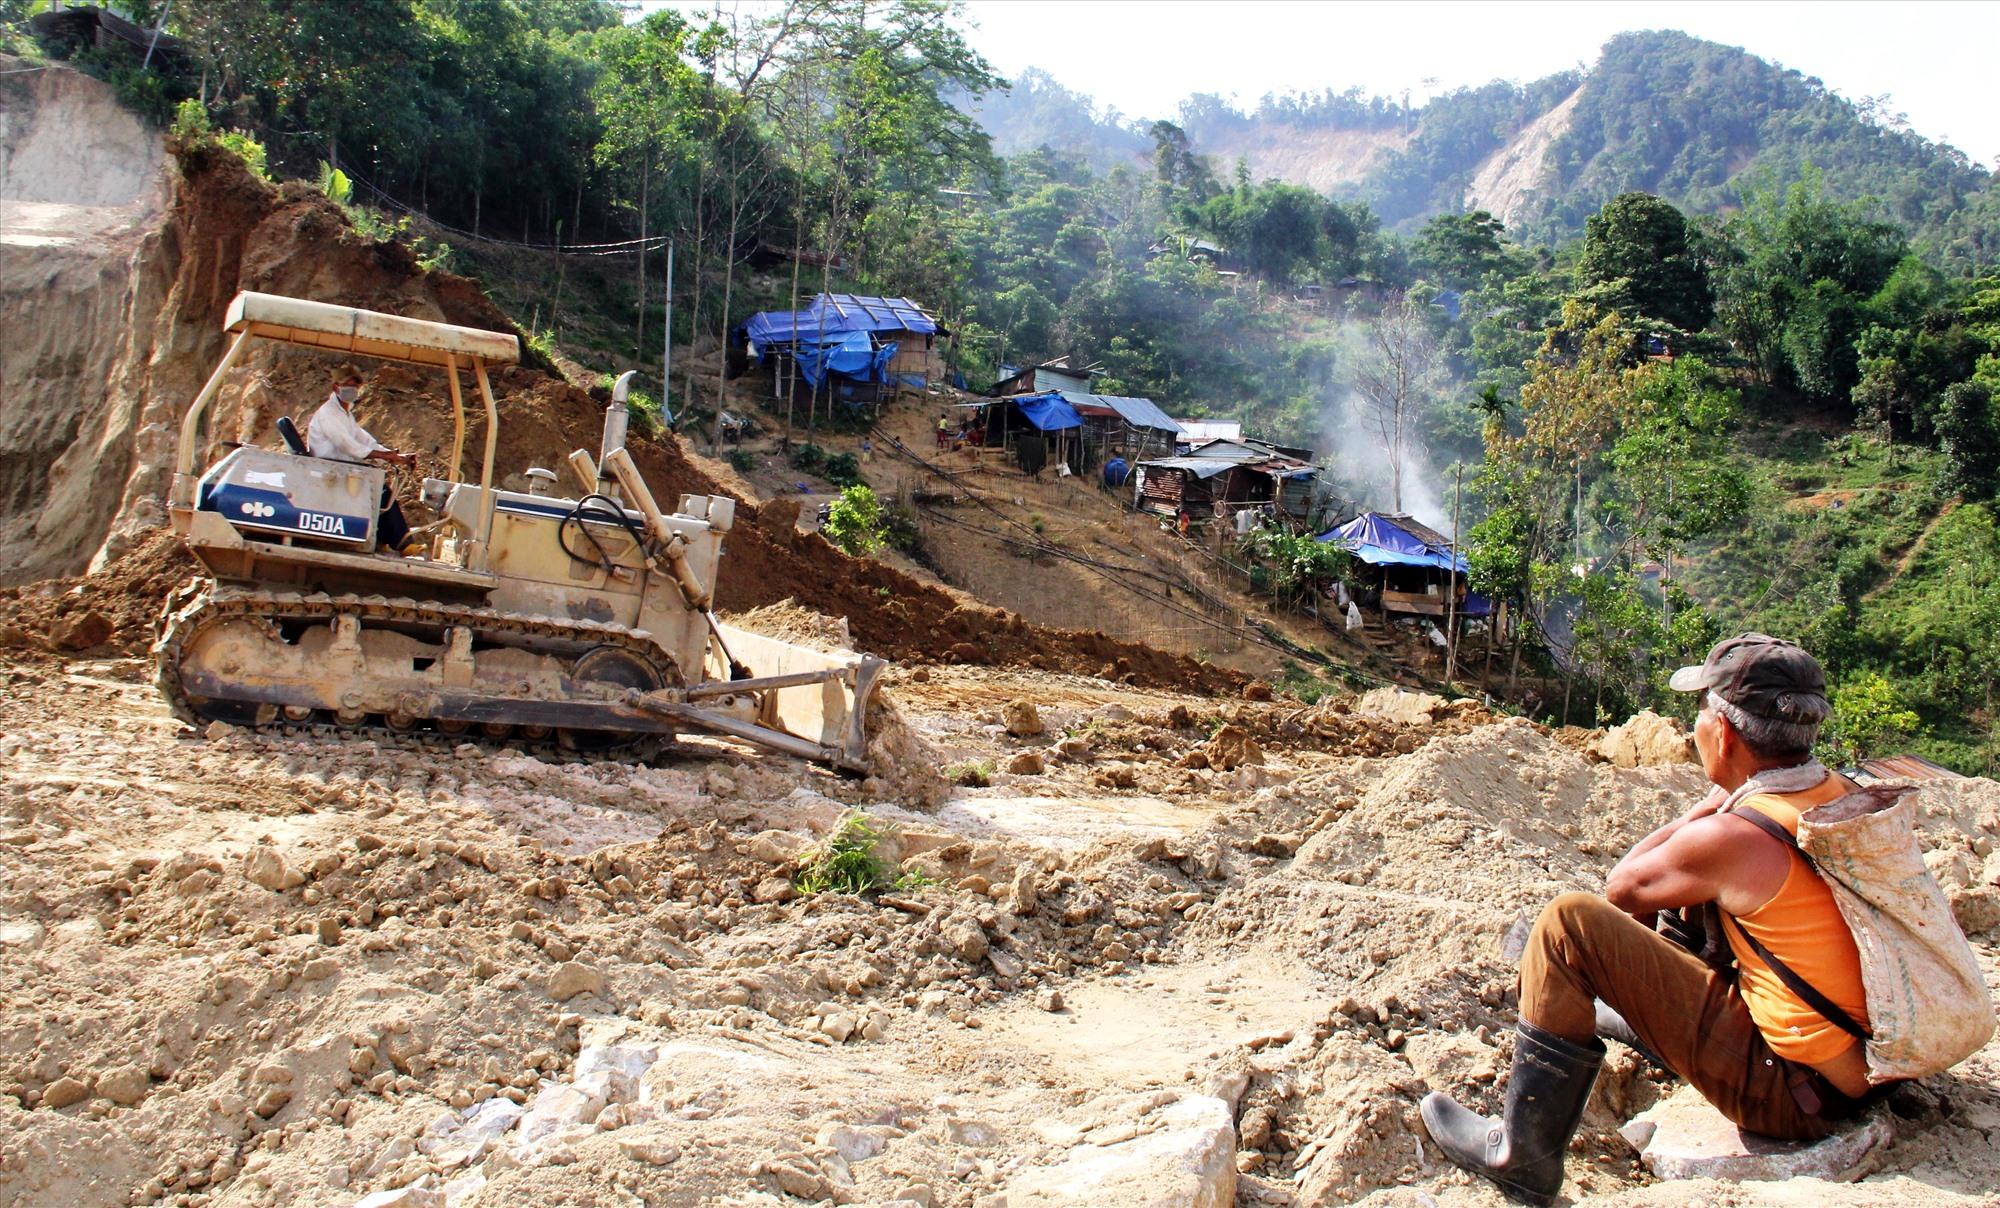 Huyện Phước Sơn phấn đấu hoàn thành mặt bằng tái định cư cho người dân trước 30.6 tới, đảm bảo các điều kiện để người dân dựng nhà ở. Ảnh: ĐĂNG NGUYÊN